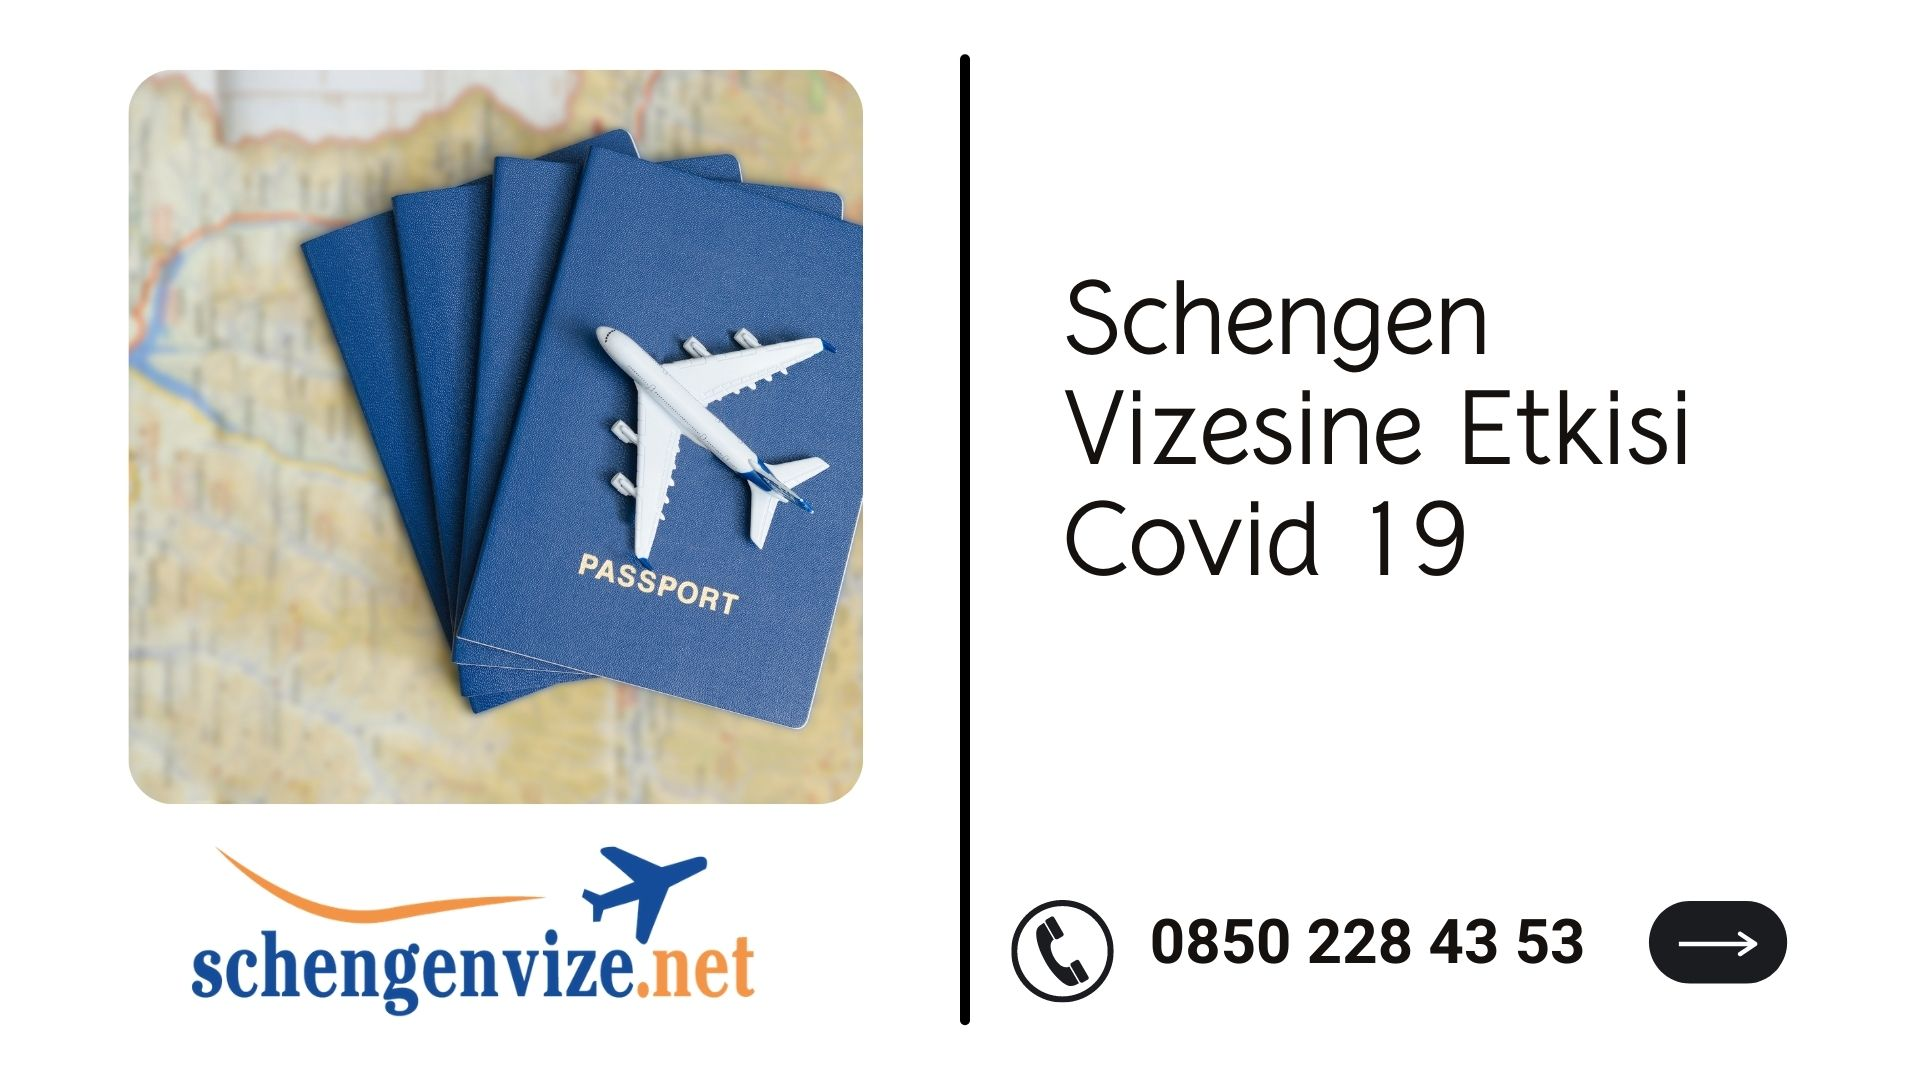 Schengen Vizesine Etkisi Covid 19